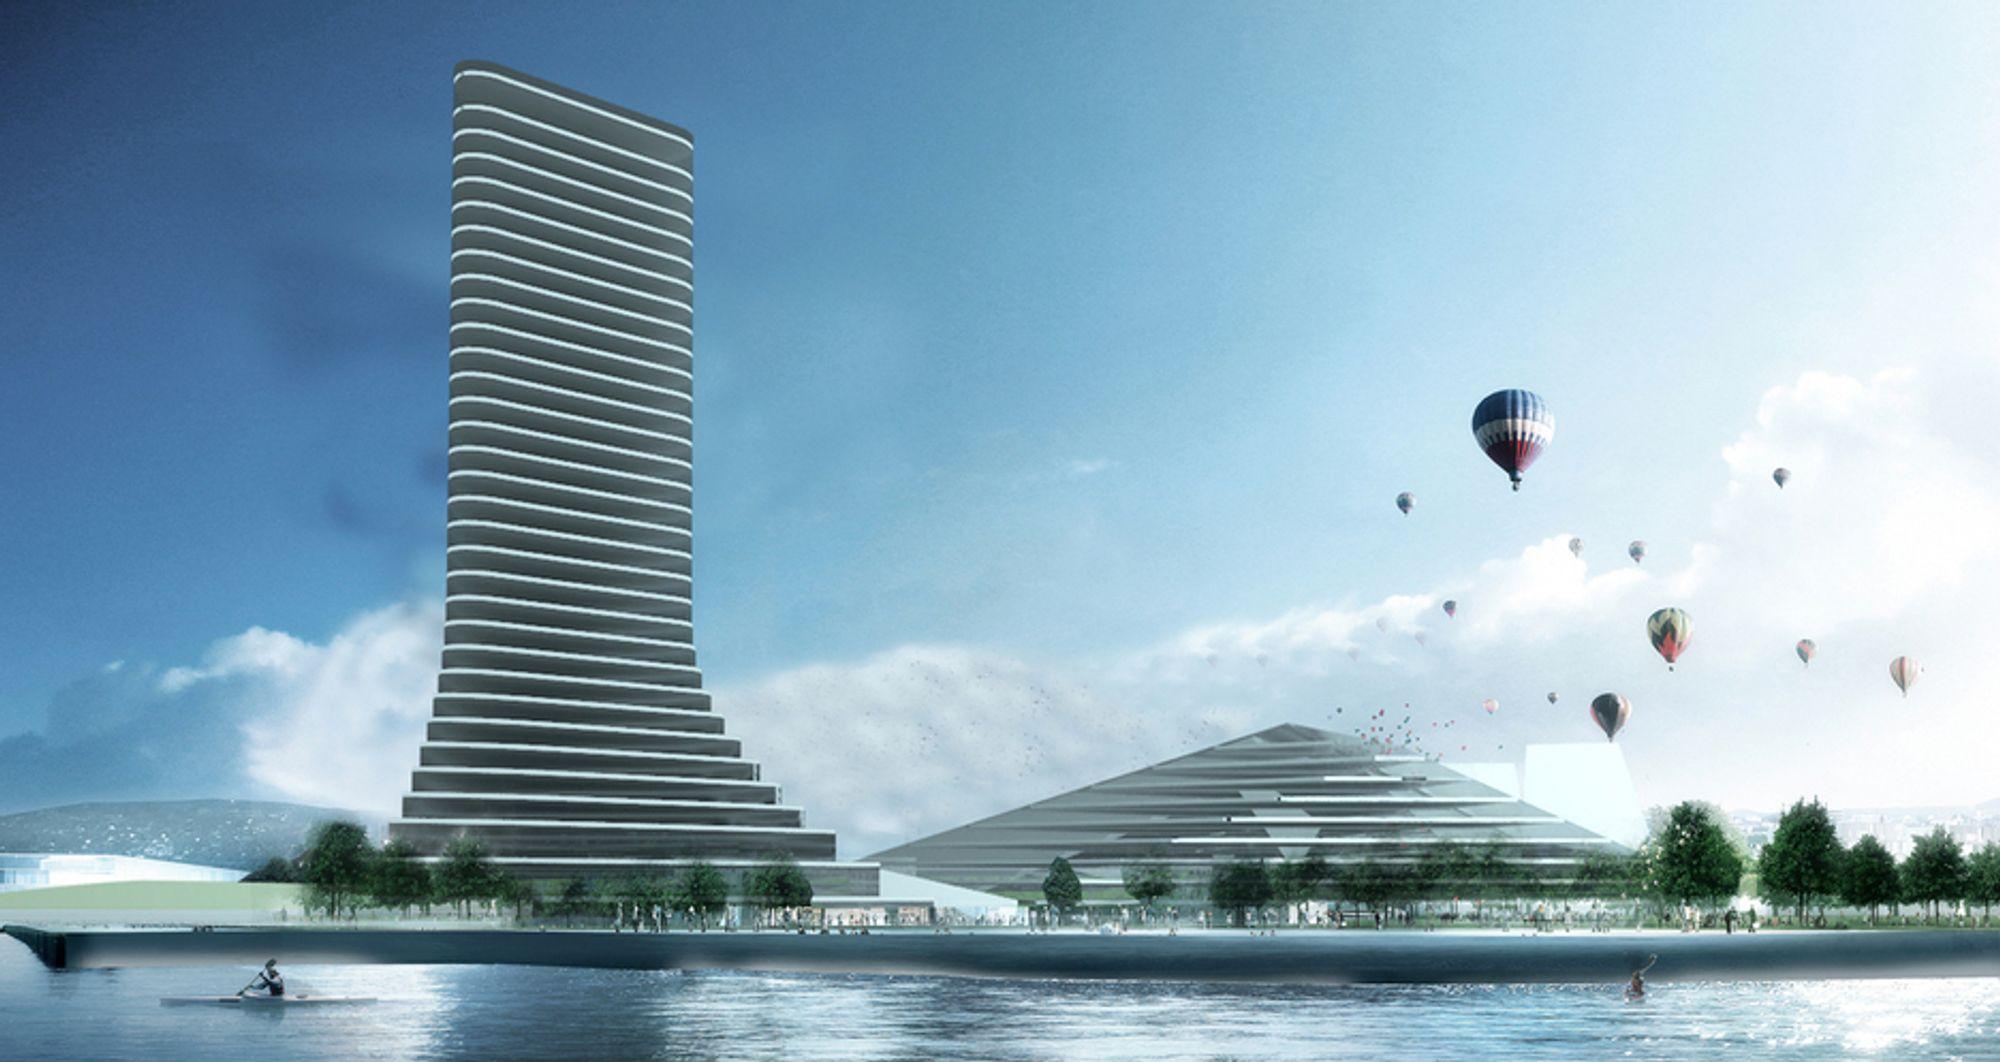 KONFERANSEHOTELL: Leder i byutviklingskomitéen, Jørn Kallmyr (FrP), vil gjerne ha dette høyhuset på Filipstad.